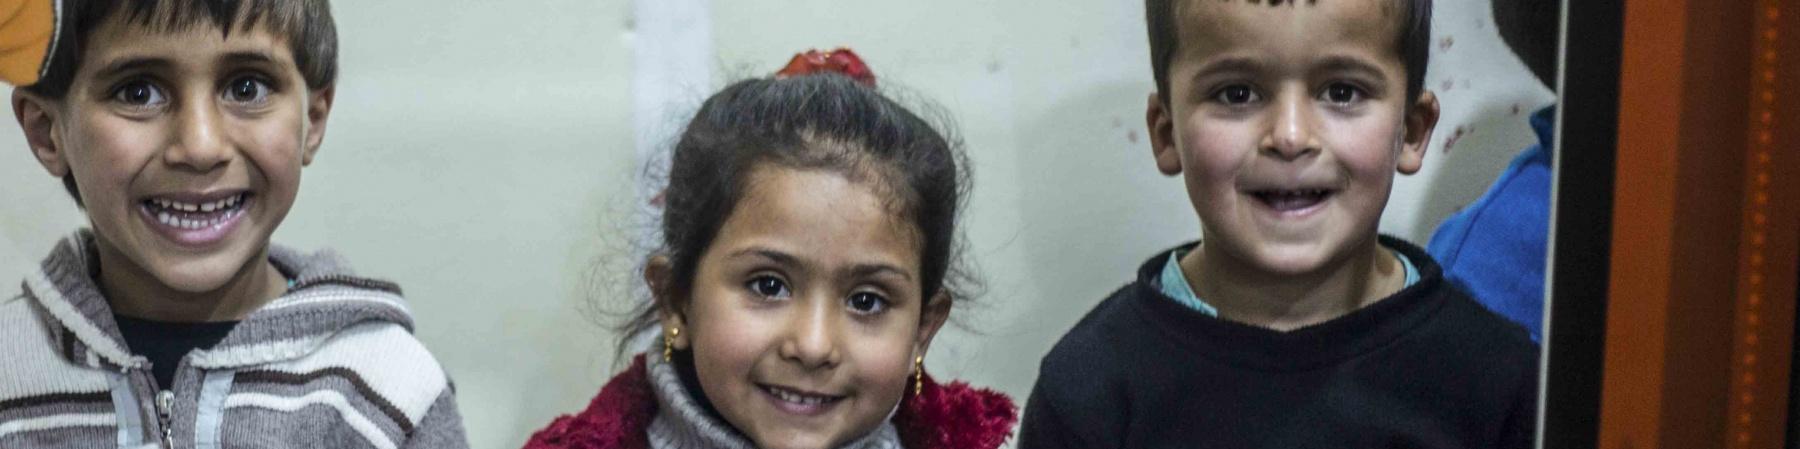 2 bambini e una bambina dietro una sagoma di cartone che simula lo schermo di un cinema